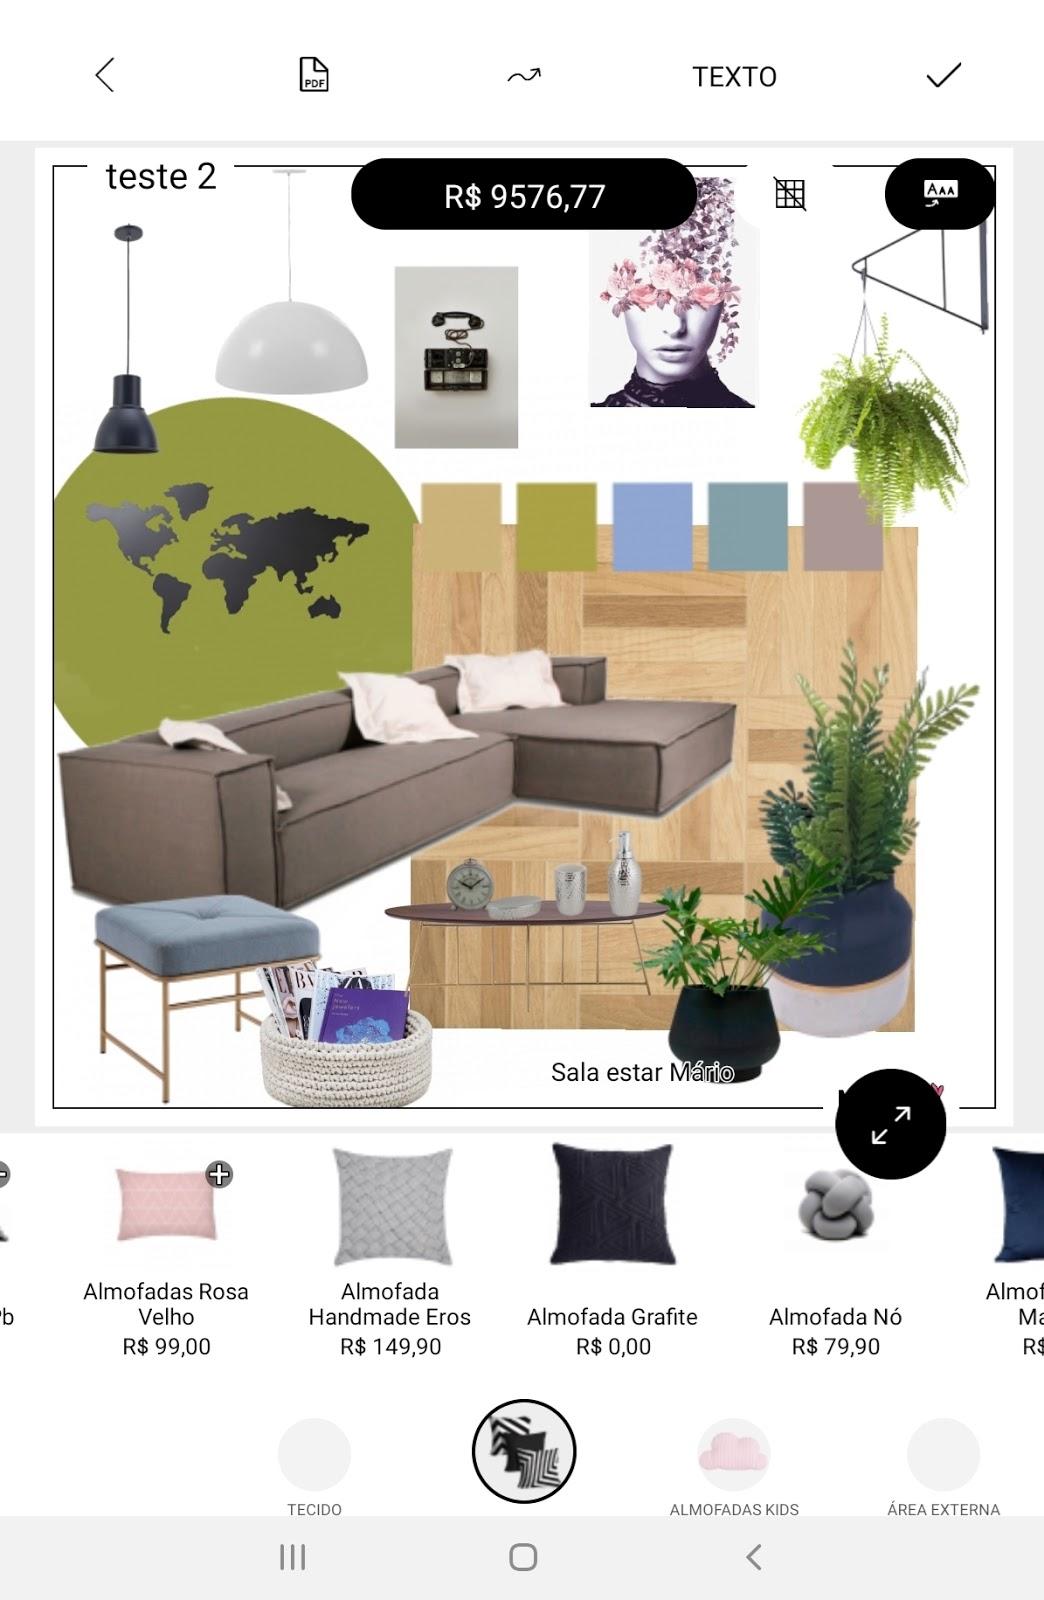 Arquitetando Ideias cover image